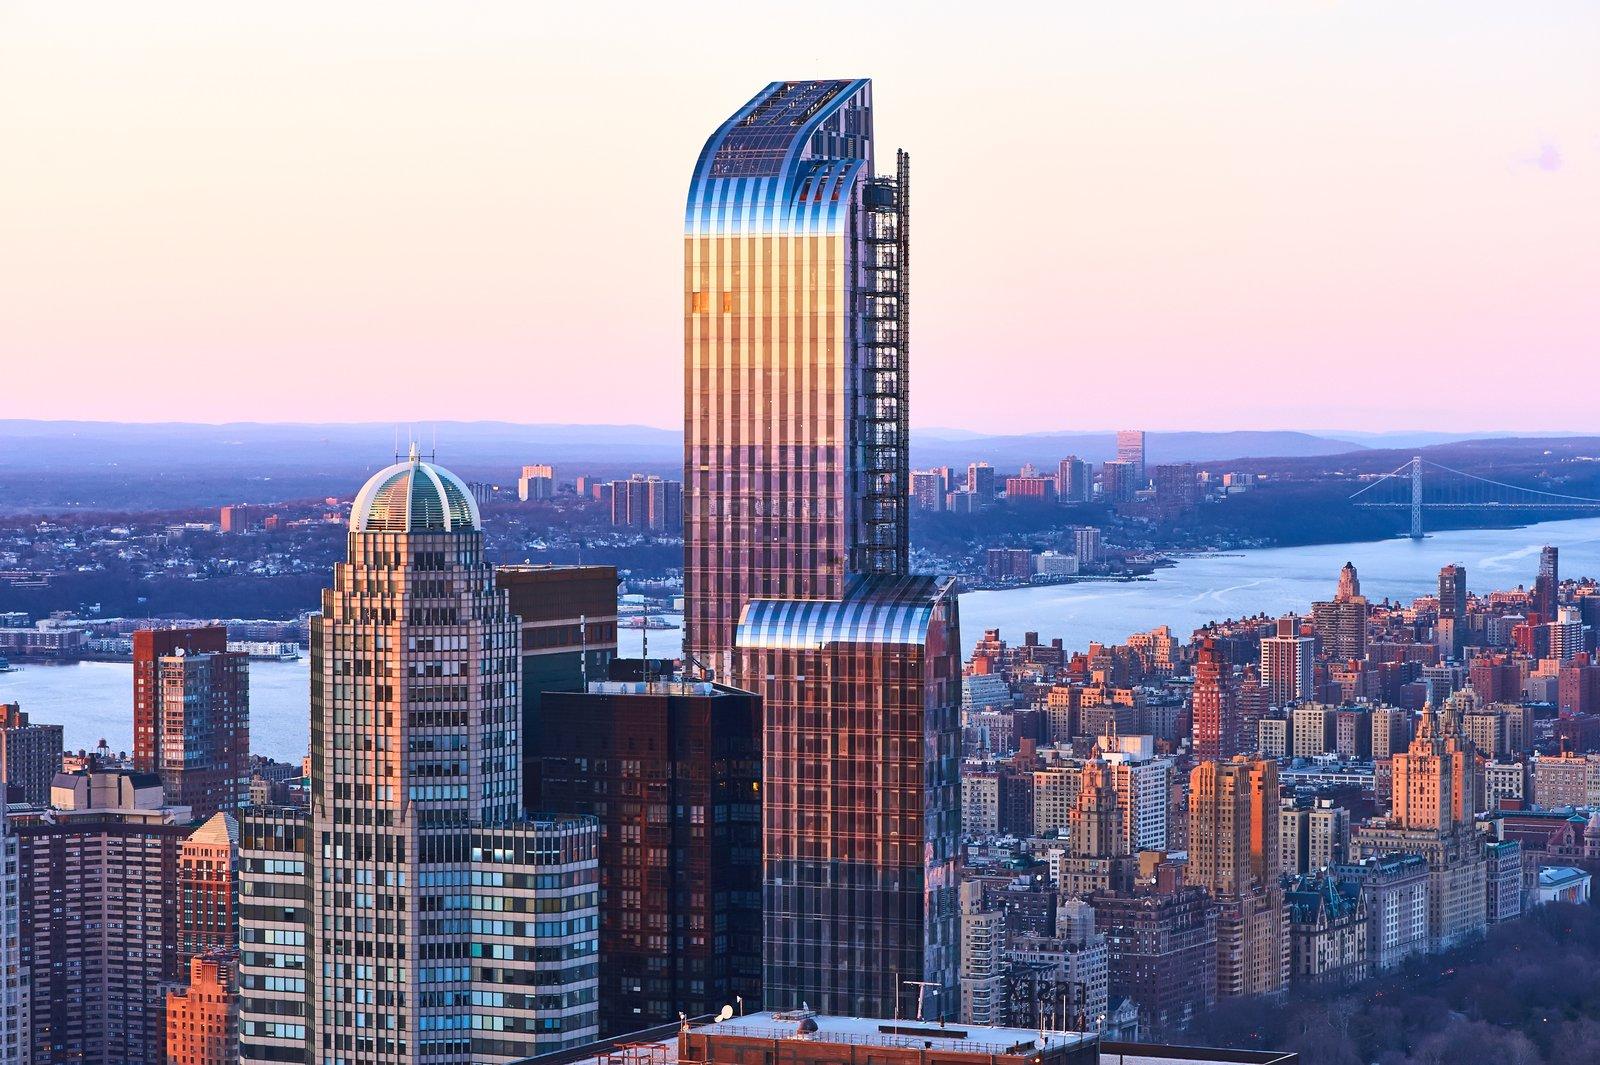 Kips Bay Manhattan, NY Private Investigator